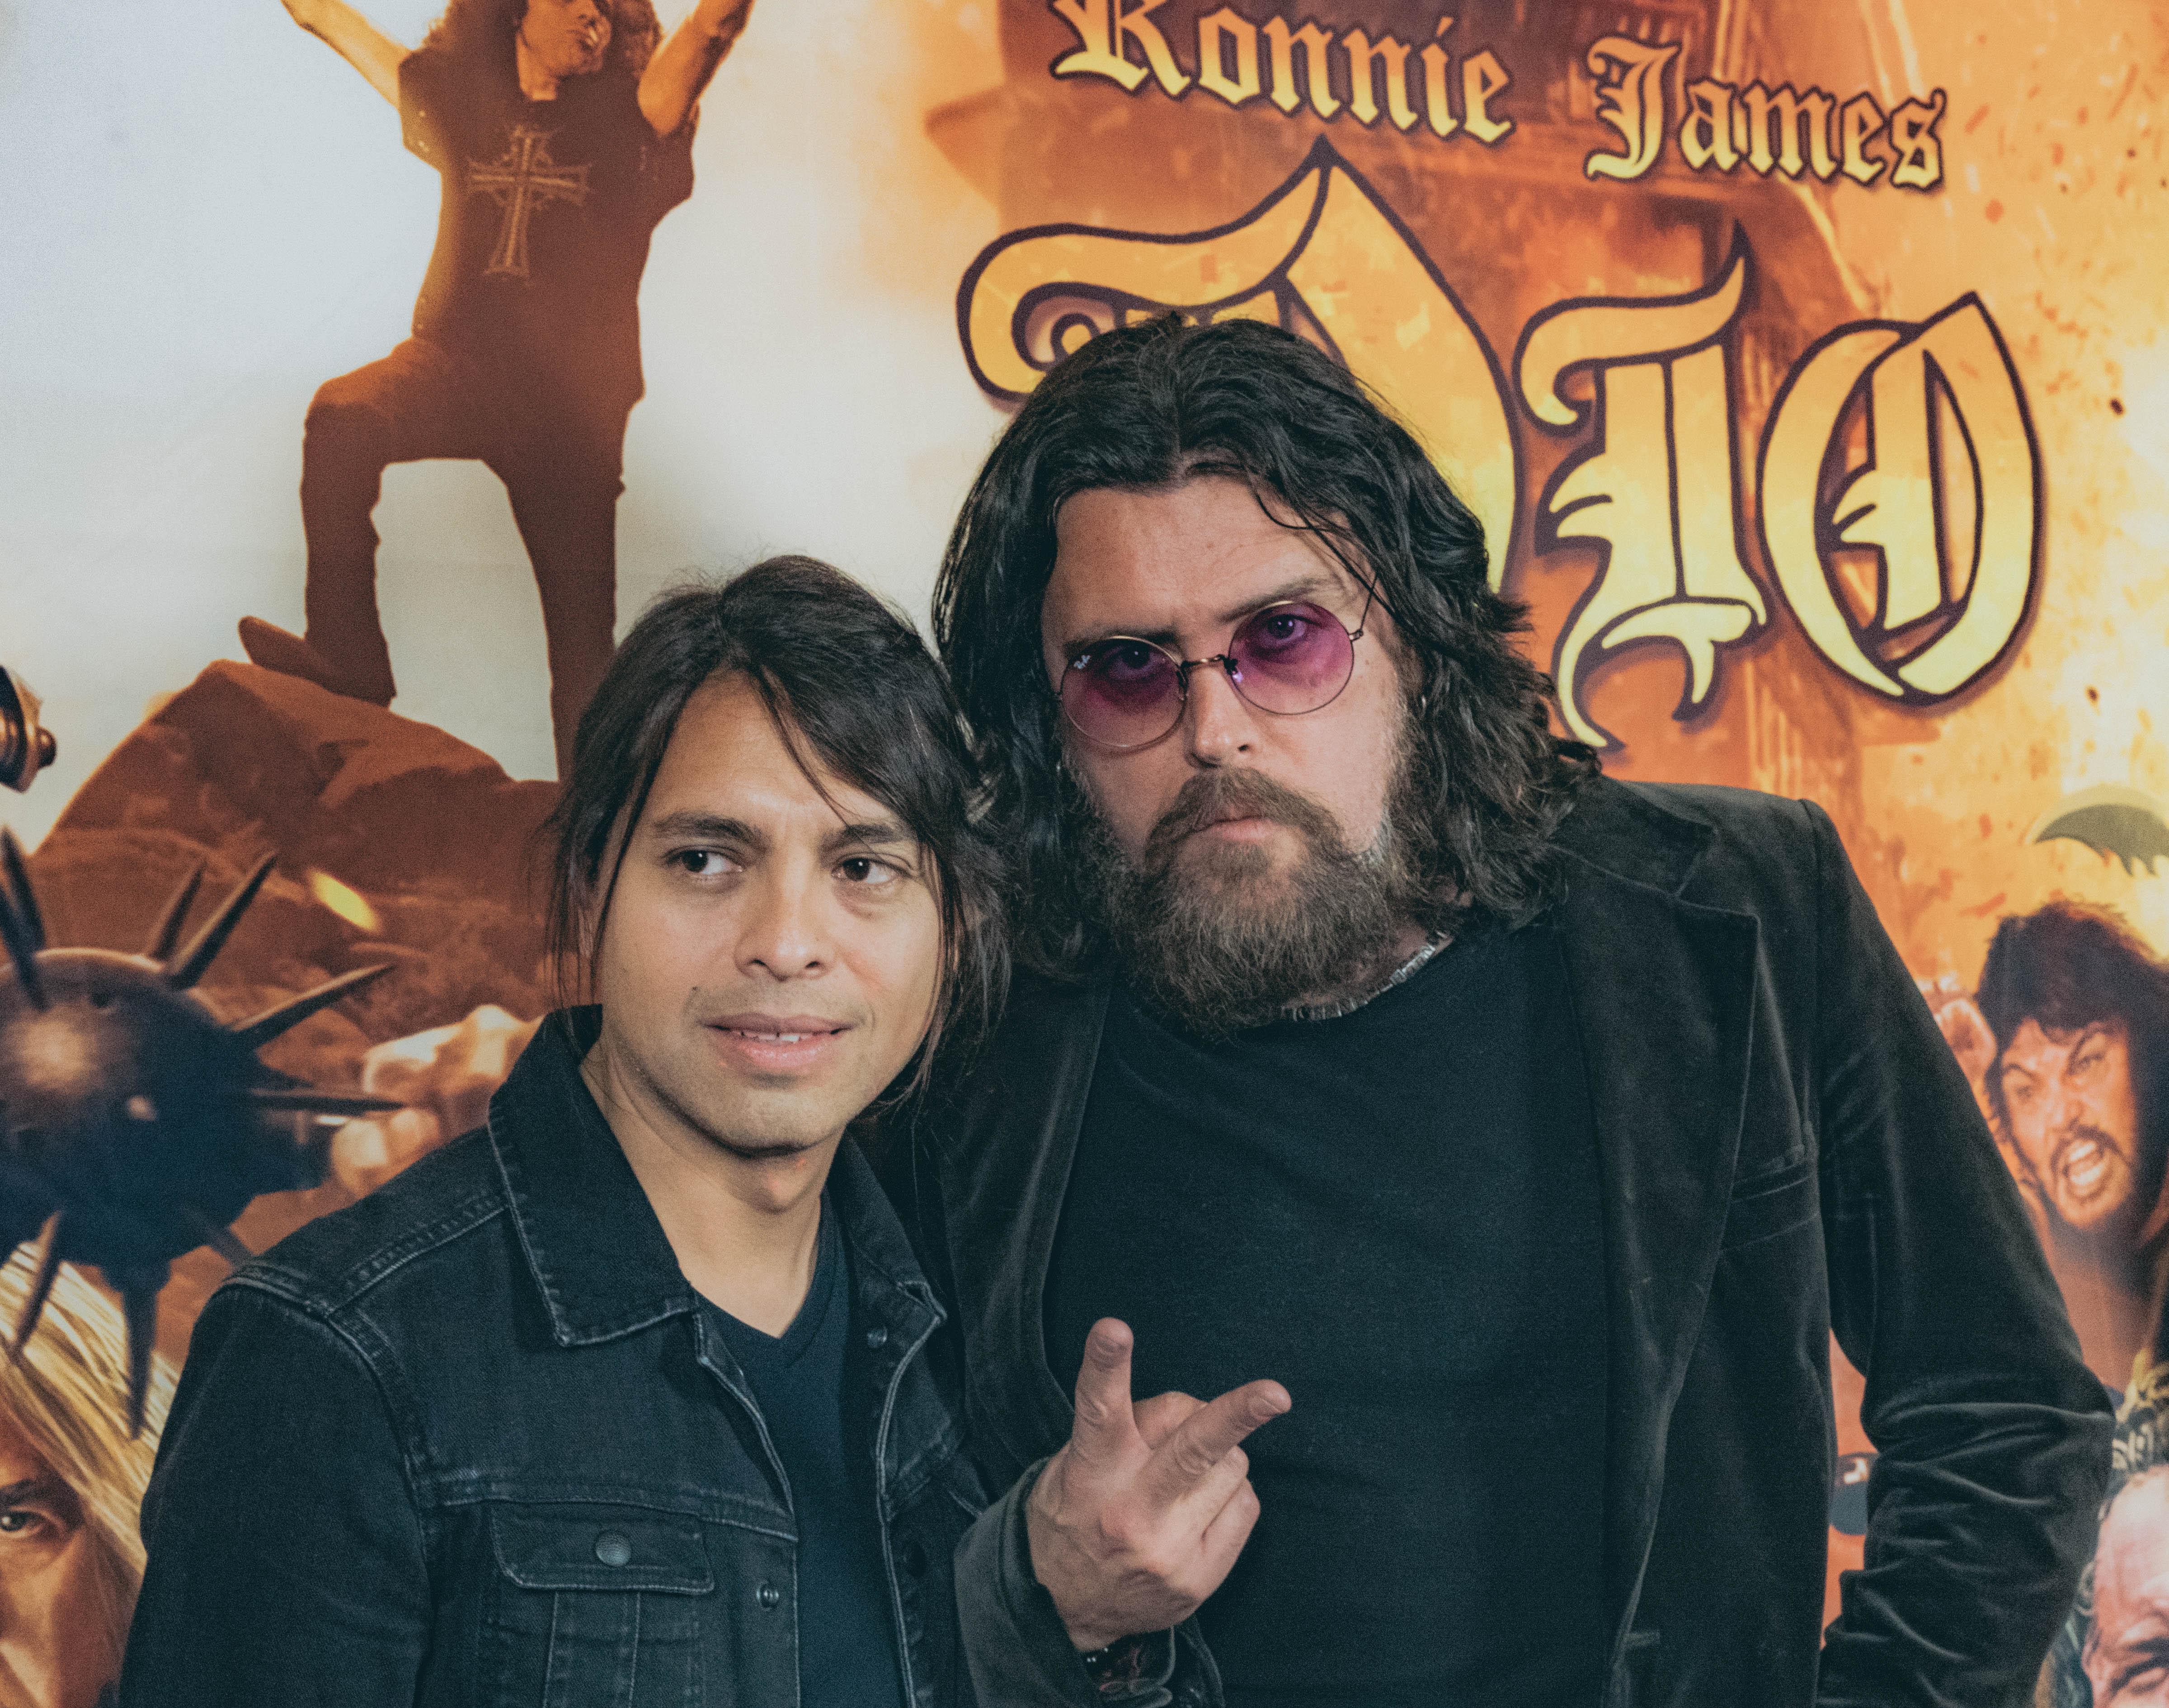 Louis Maldanado and Damon Fox